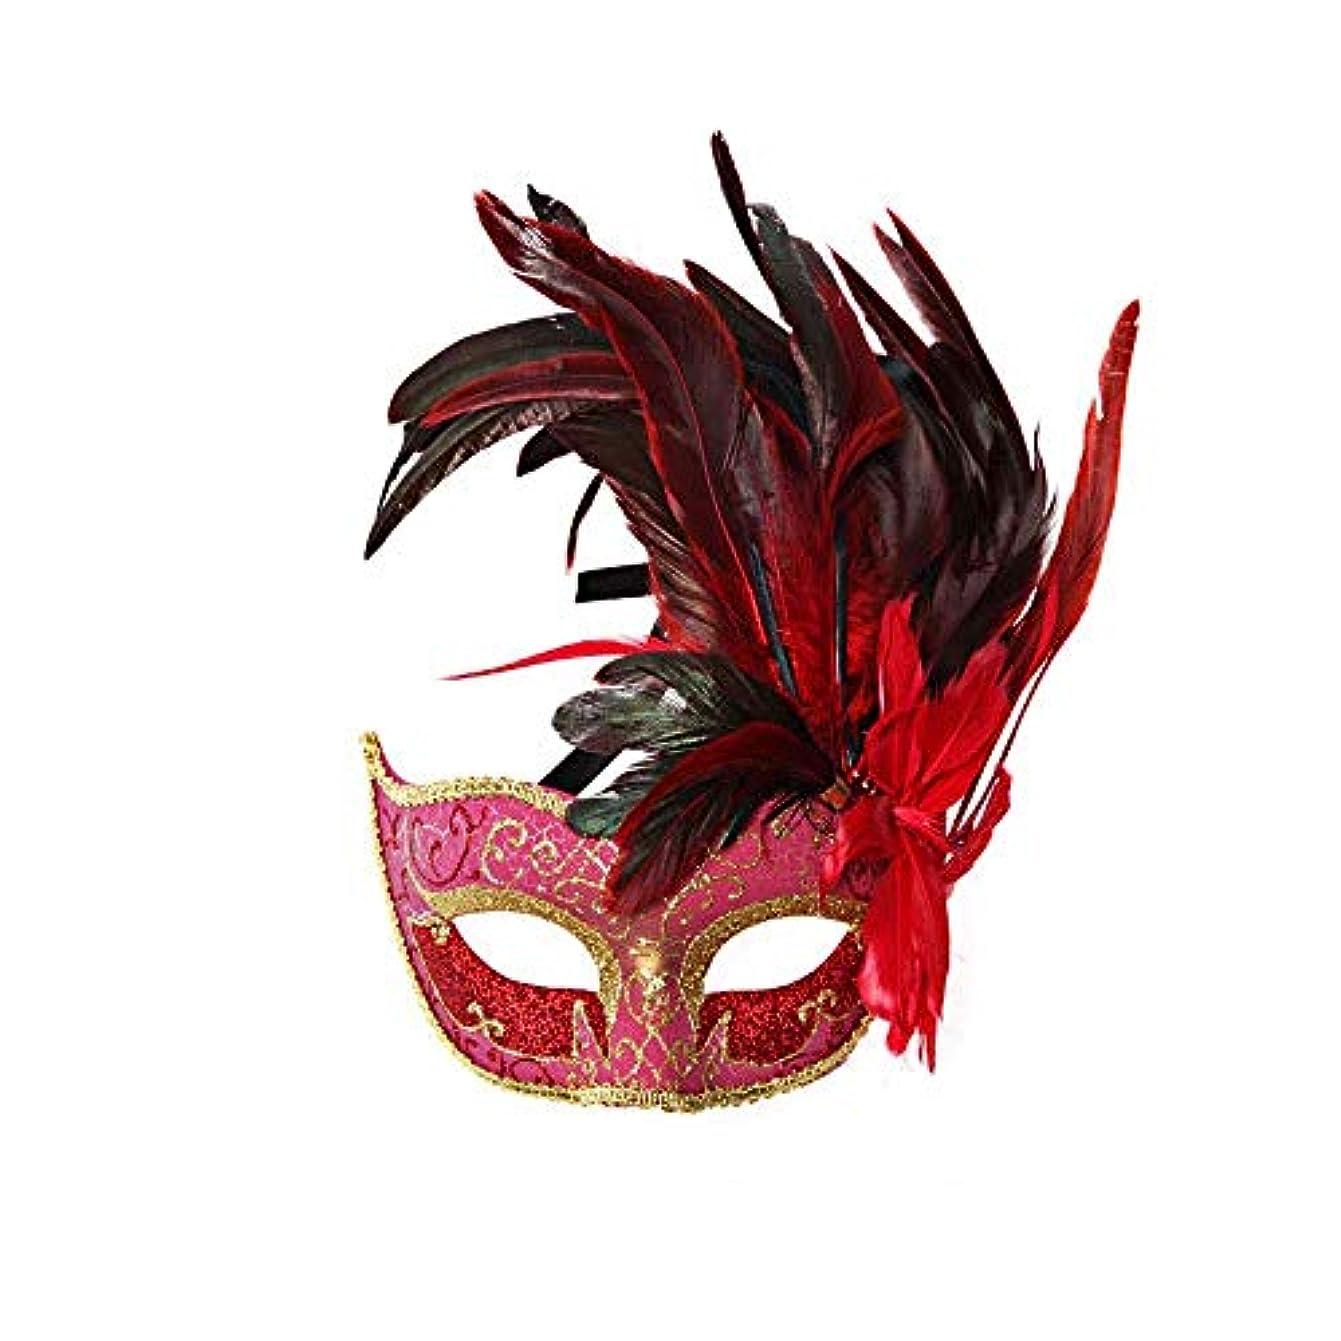 剪断登山家クラッチNanle ハロウィンマスクハーフフェザーマスクベニスプリンセスマスク美容レース仮面ライダーコスプレ (色 : Style A red)